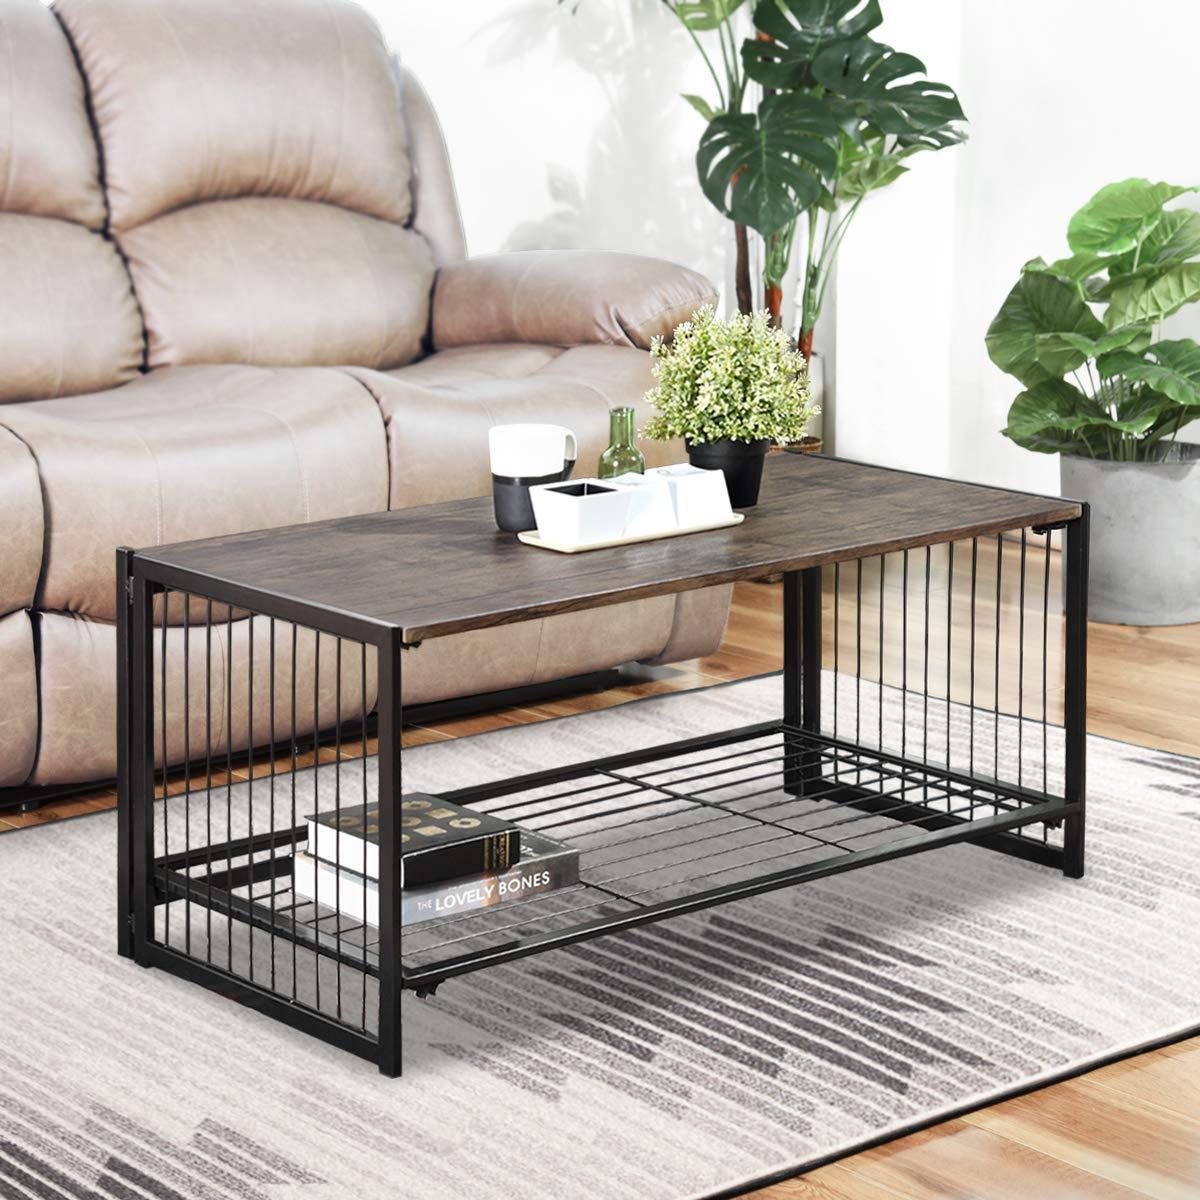 Couchtisch klappbar-Kaffeetisch Beistelltisch modern Fernsehtisch Wohnzimmertisch industriell Design Keine-Montage Rustikal Schwarz Metall Braun Holz